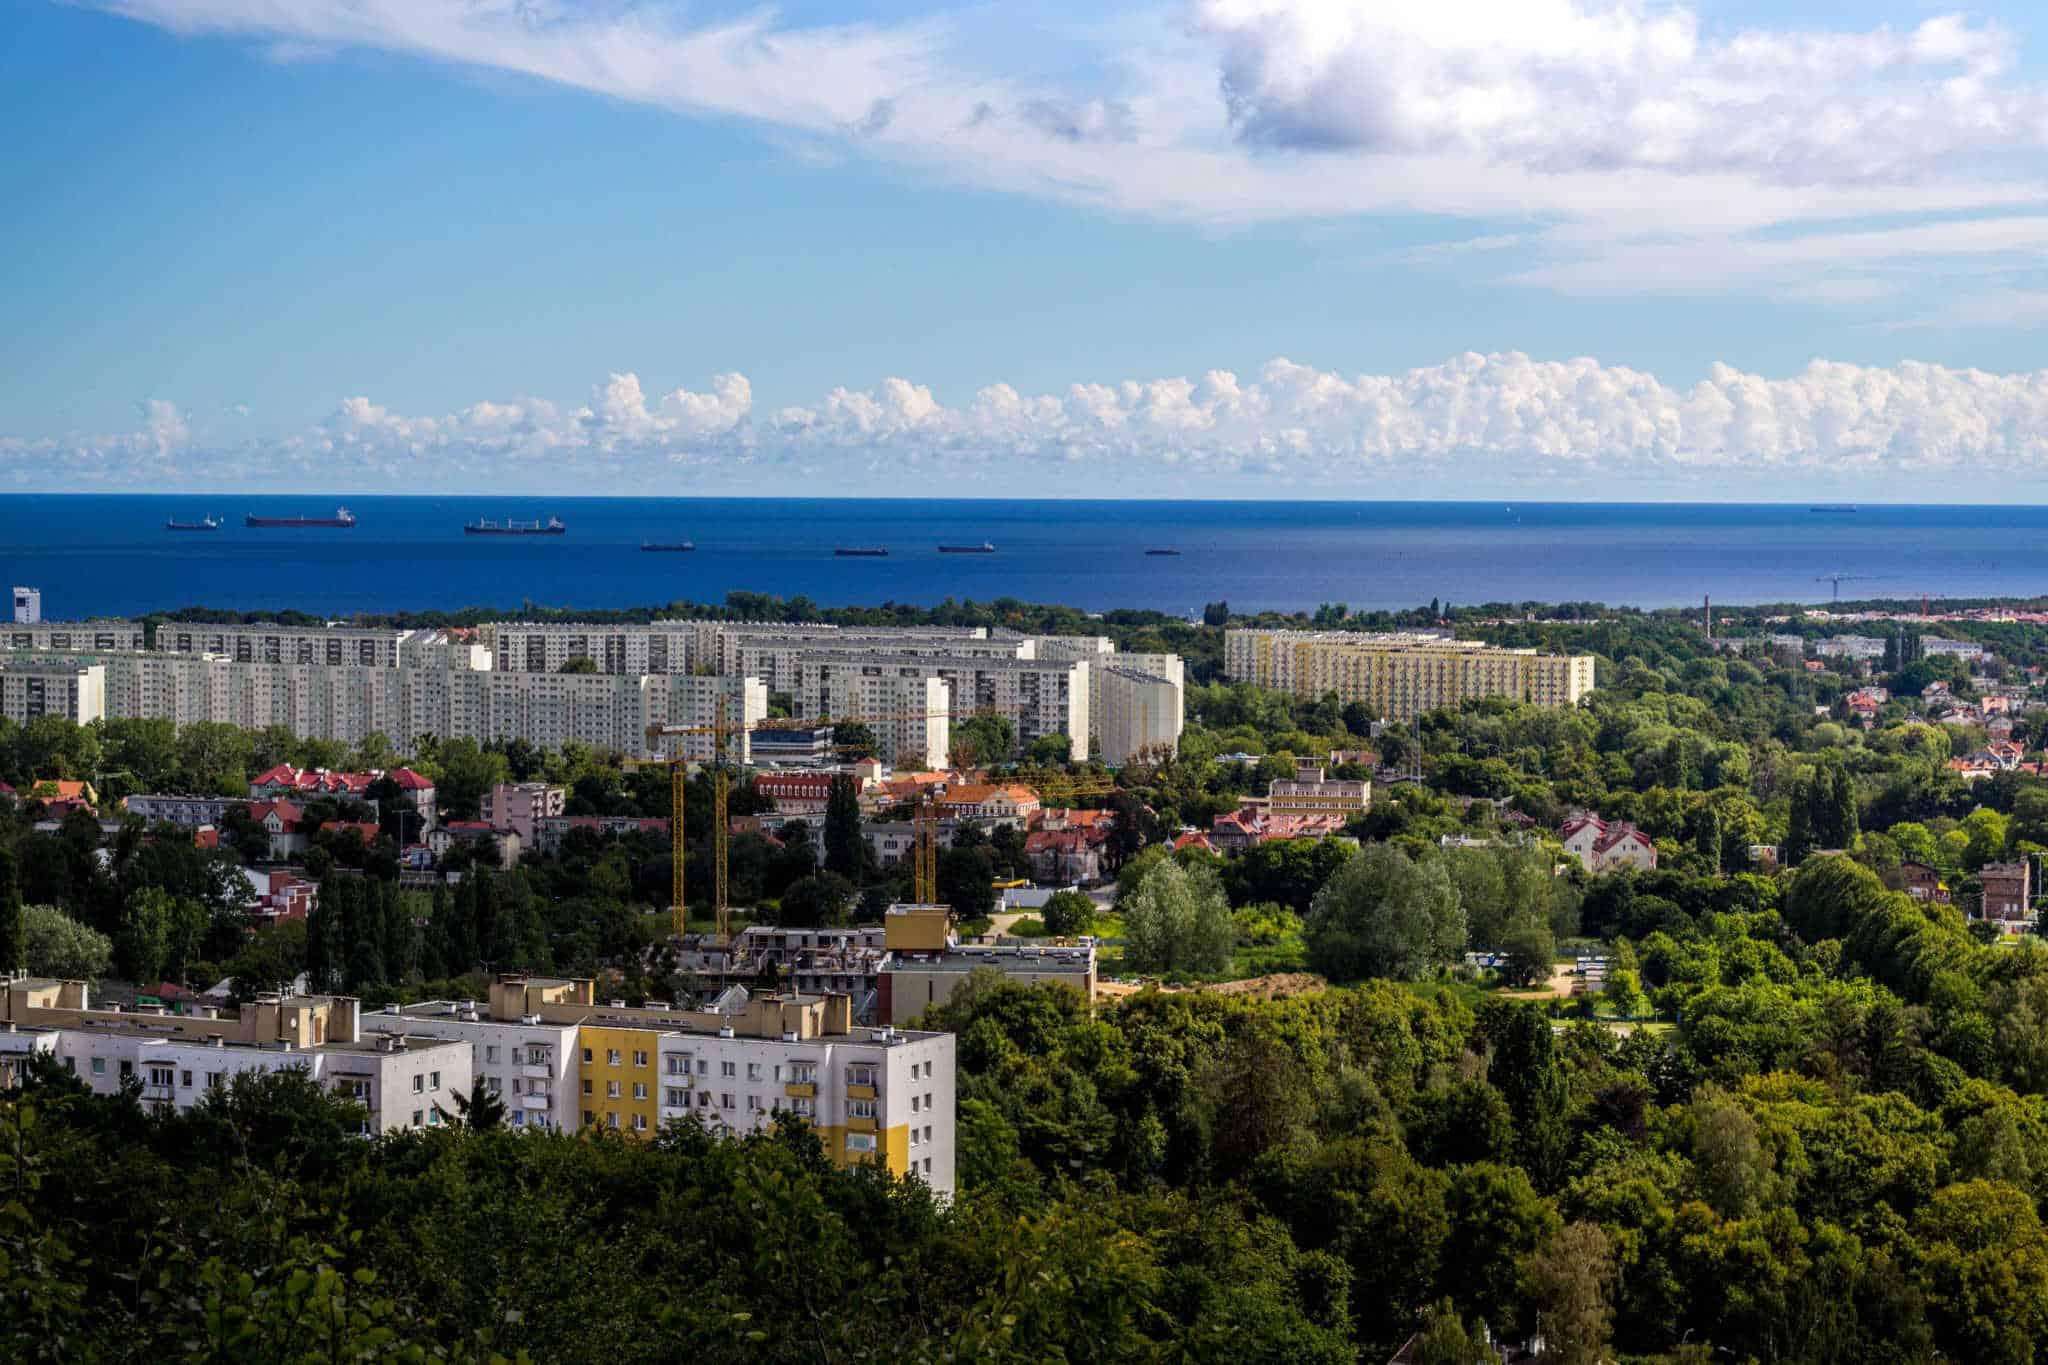 FotografiaPodróżniczaGdanskZabianka